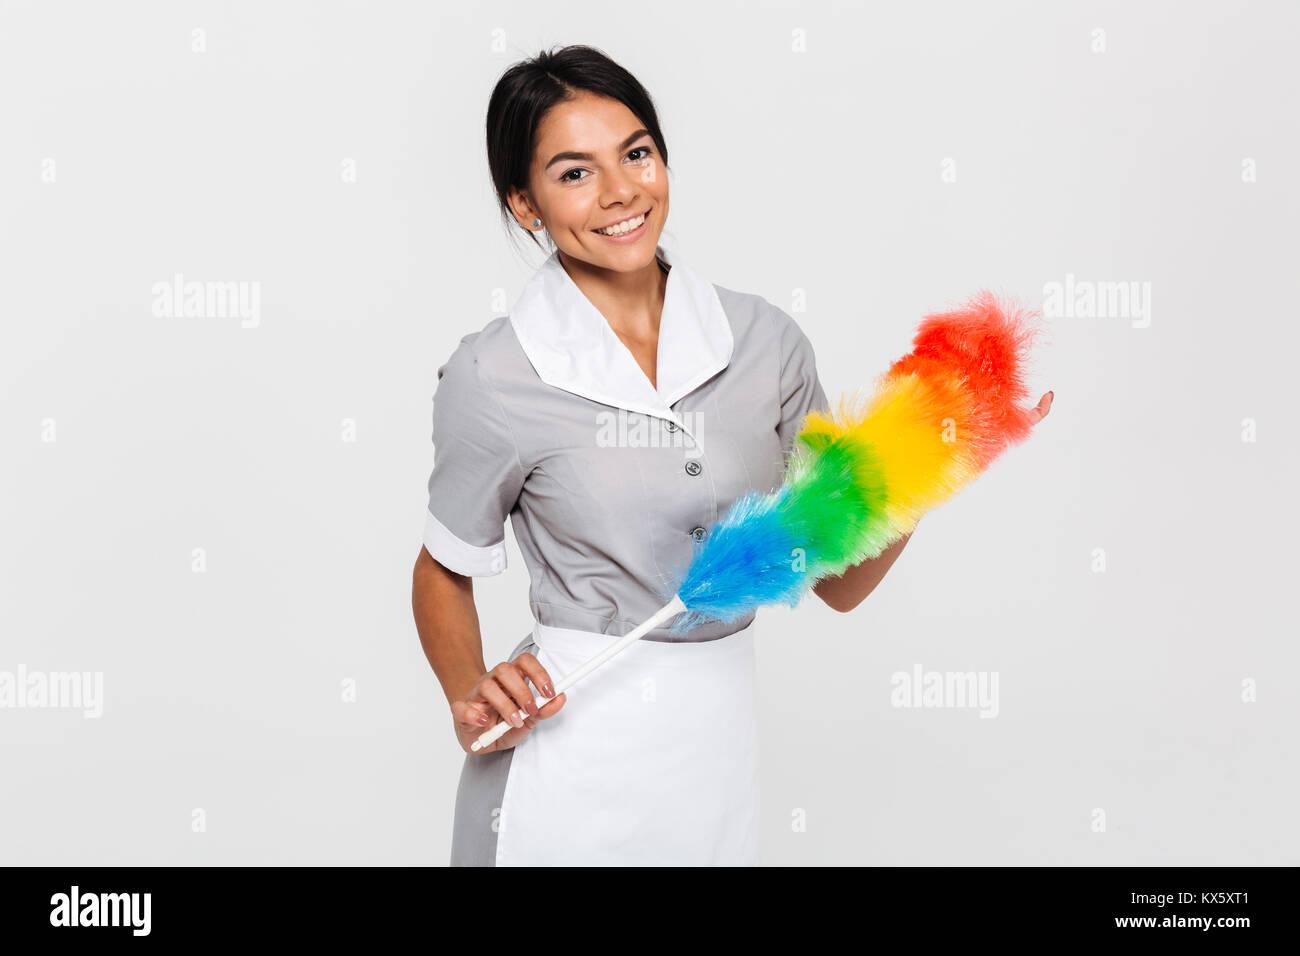 Fröhliche brunette Haushälterin in Uniform Holding bunte Duster und Kamera, auf weißem Hintergrund Stockfoto